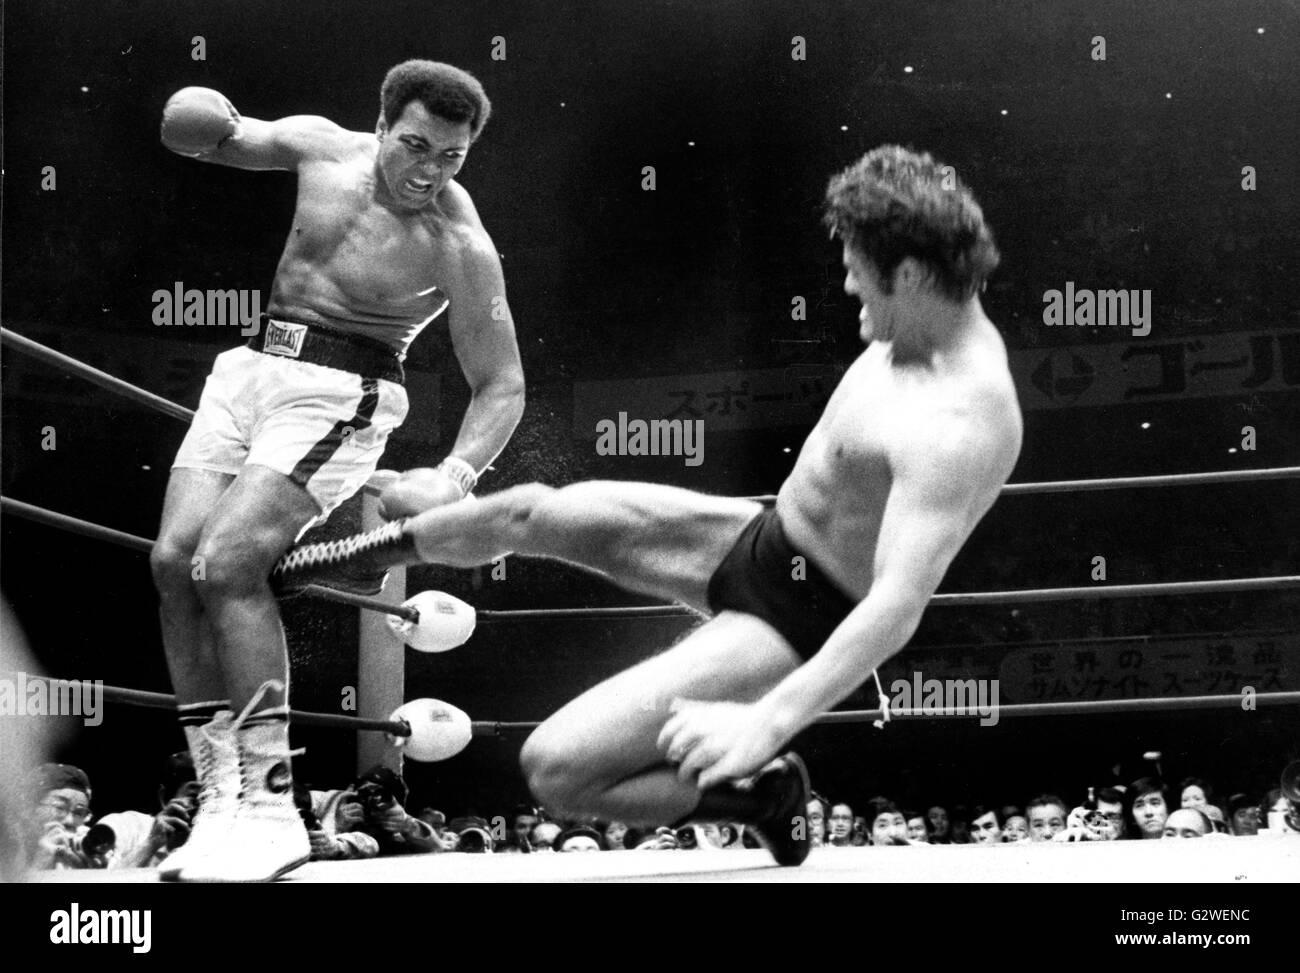 Abril 11, 1956 - Tokio, Japón - Muhammad Ali o Cassius Clay, como el boxeador peso pesado dominante en los decenios Foto de stock